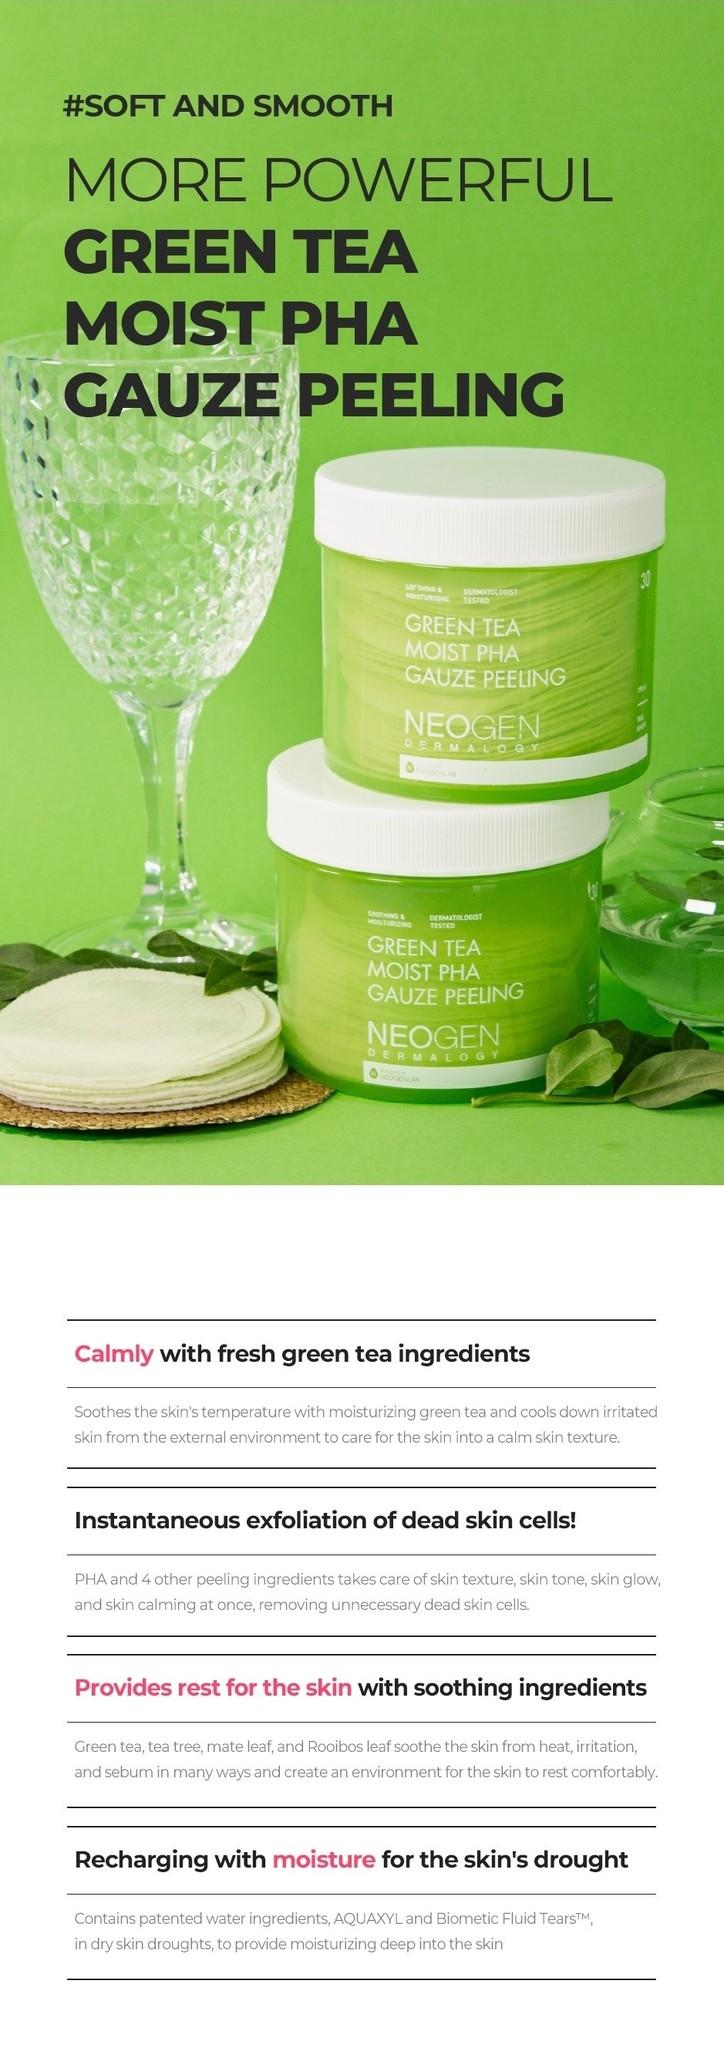 Green Tea Moist PHA Gauze Peeling-5